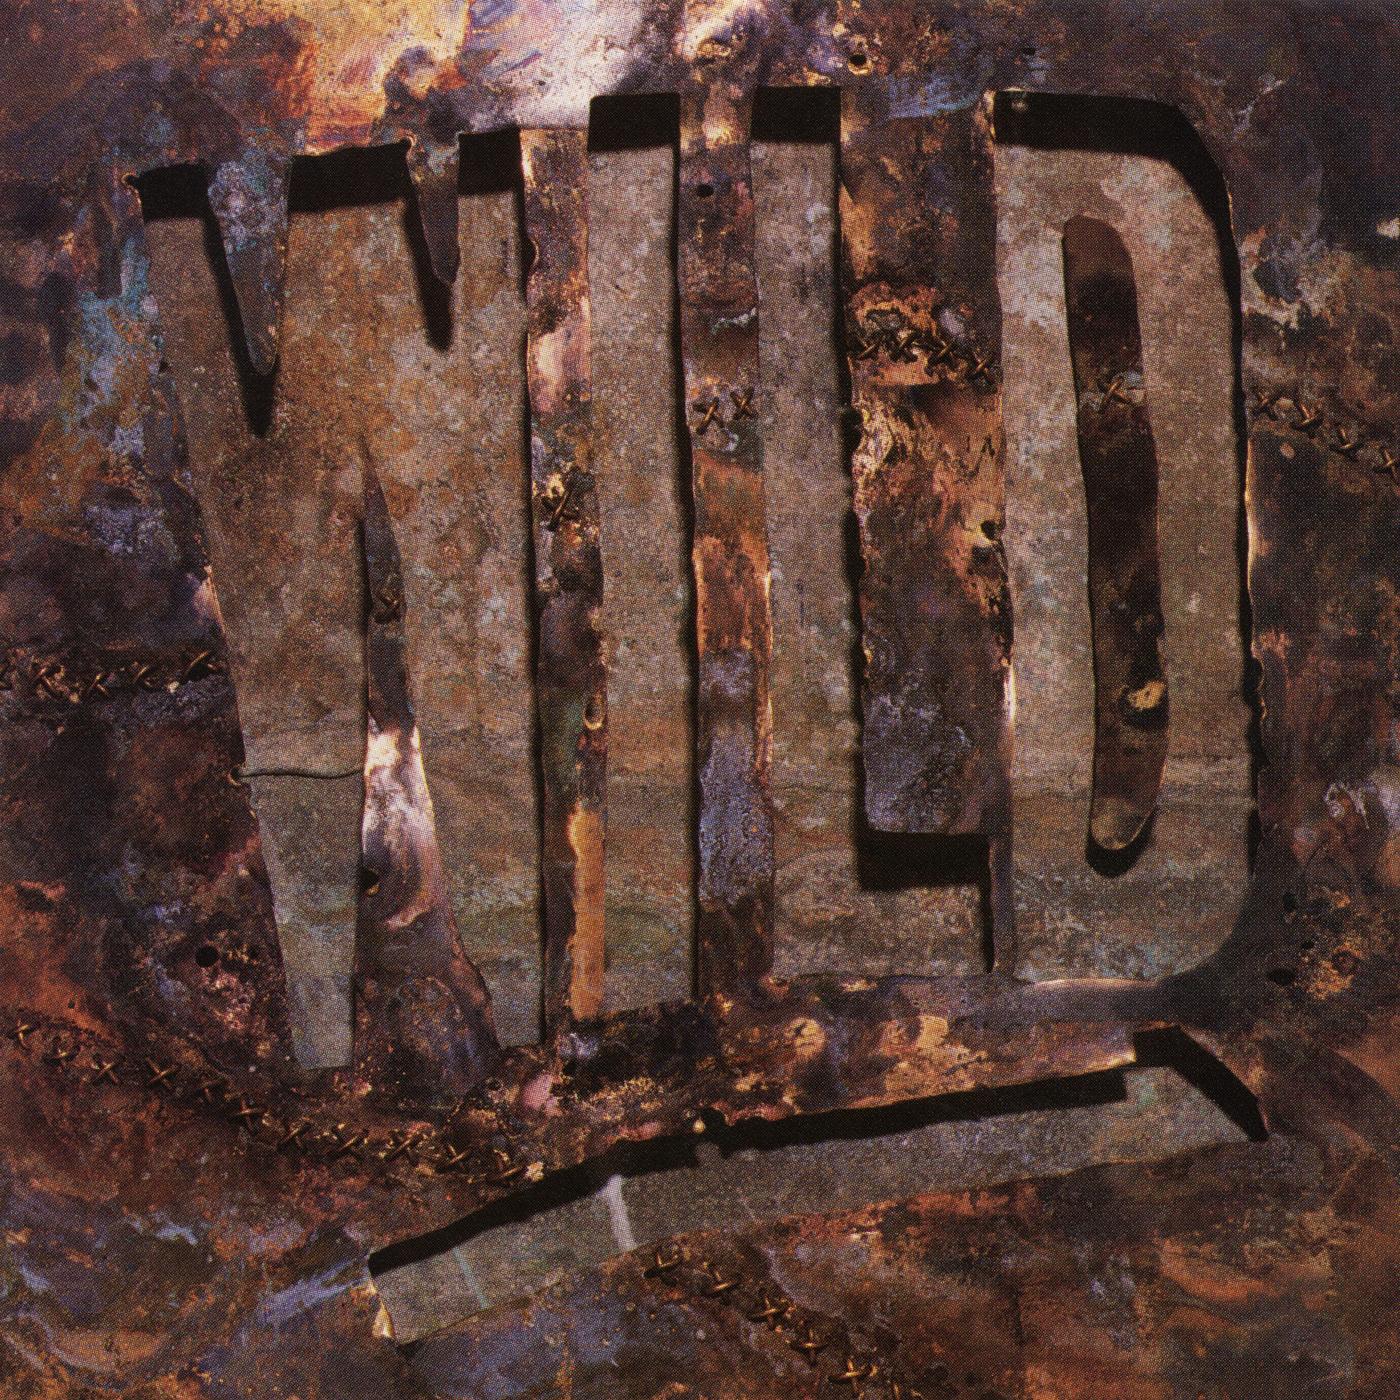 Wild 1 - Wild